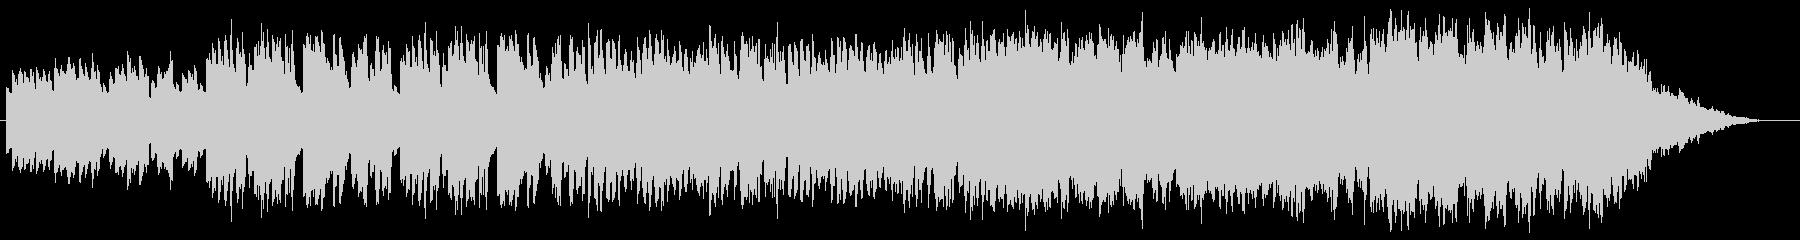 優雅な雰囲気のハープシコードの曲の未再生の波形